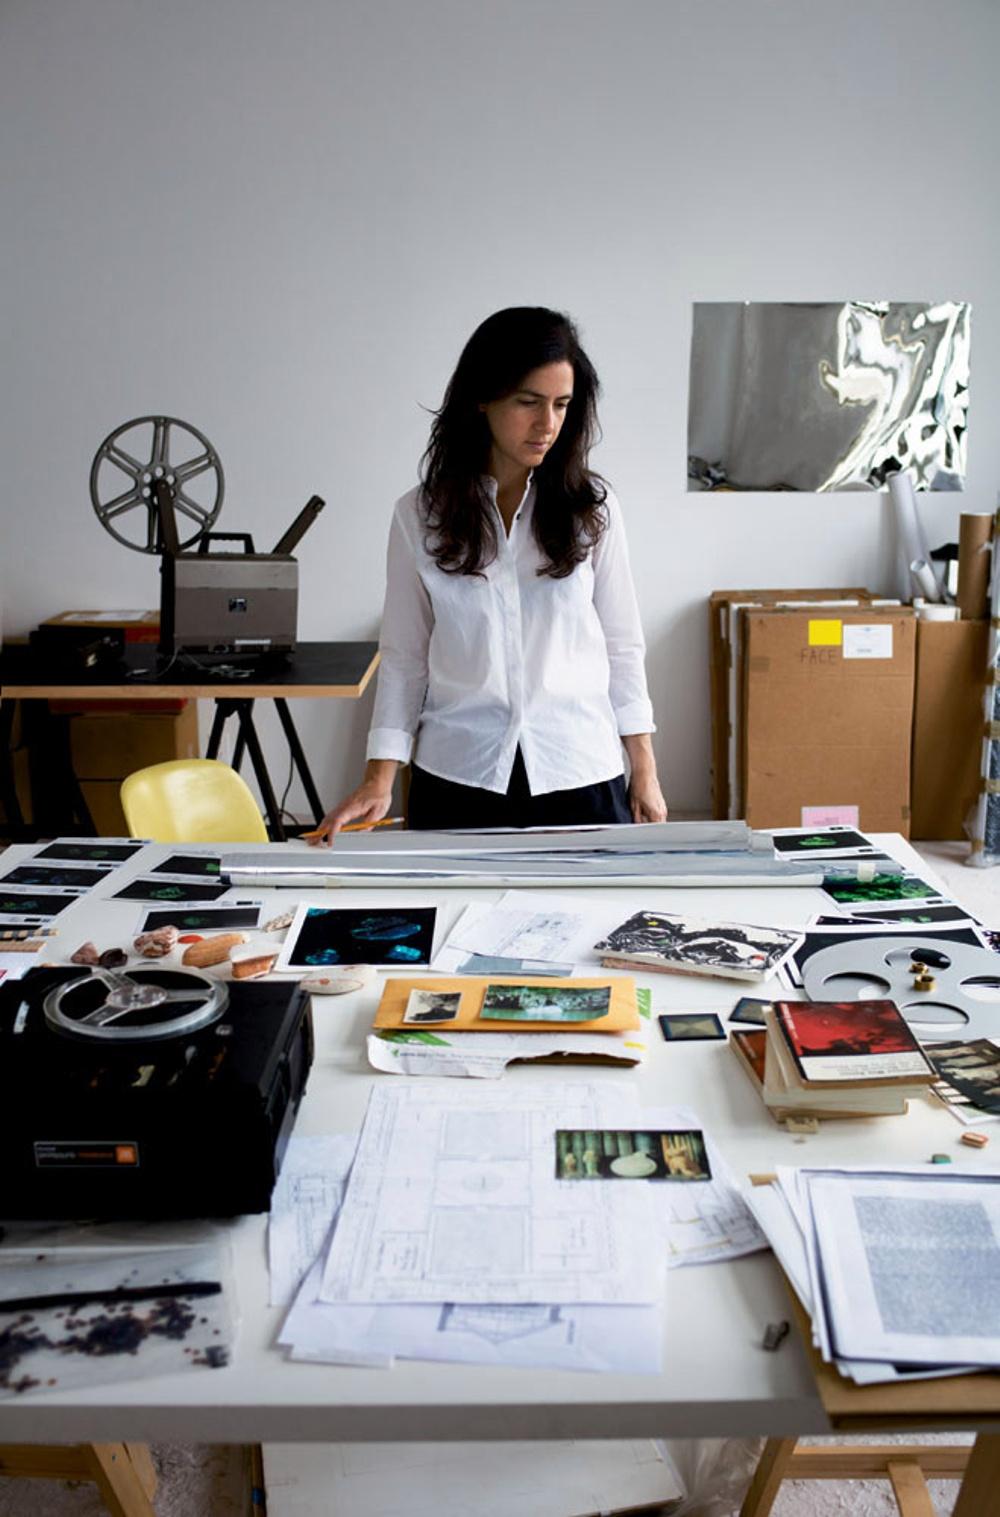 Parallellt med Lewerentzutställningen visas en installation av den hyllade filmkonstnären Amie Siegel i utställningsrummet Boxen på ArkDes. Amie Siegel gör ett filmkonstverk med utgångspunkt från arkitekturen och orglarna i Markuskyrkan och Sankt Petri kyrka.